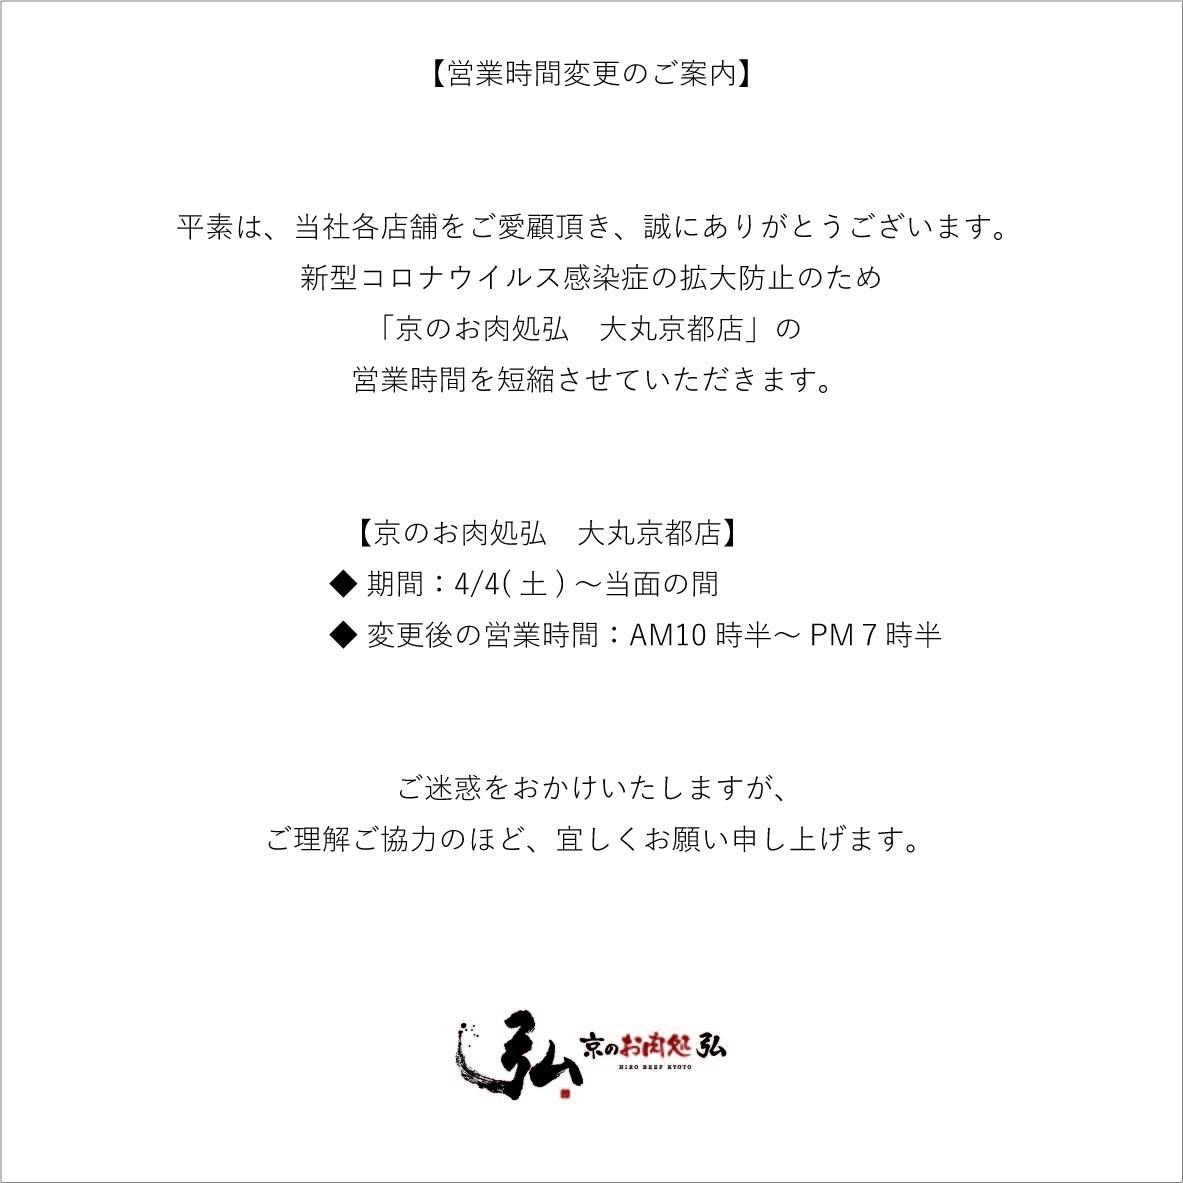 京のお肉処弘大丸店、営業時間変更のご案内